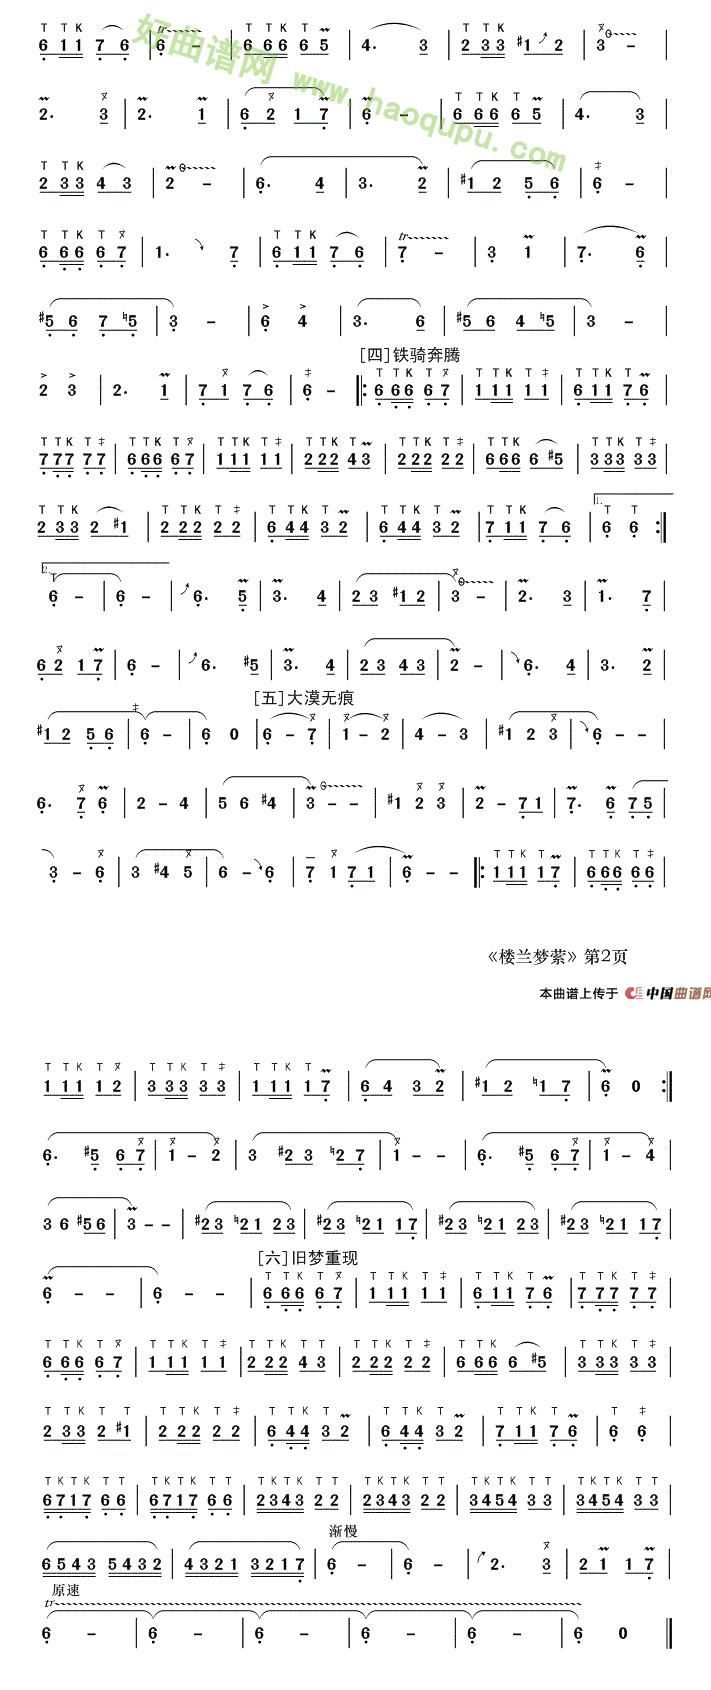 《楼兰梦萦》 - 葫芦丝曲谱_葫芦丝简谱_葫芦丝名曲